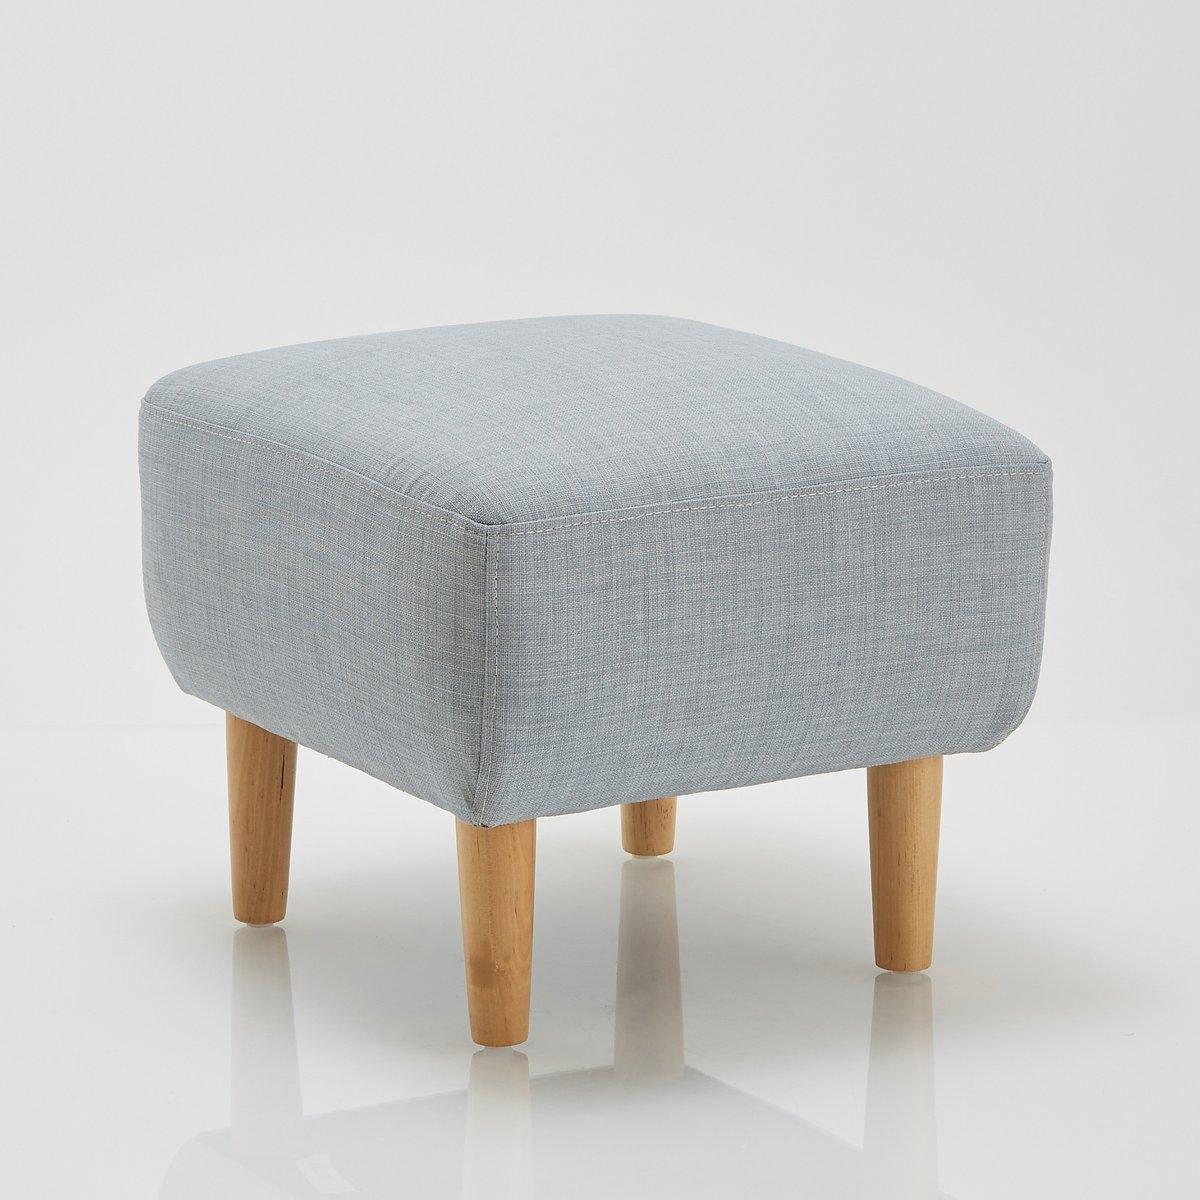 Подставка для ног JimiПодставка для ног Jimi . Из линейки мебели Jimi,эта подставка для ног или пуф предлагает вам вспомогательный практичный и удобный предмет мебели, выполненный в нордическом стиле, который создает очень уютную атмосферу \. Подходящие диван и кресла продаются на нашем сайте . Описание подставки для ног Jimi :Симпатичный широкий и удобный пуф квадратной формы.Характеристики подставки для ног  Jimi :Обивка :Слегка крапчатая ткань 90% полиэстера, 10% хлопка, несъемный чехол.Комфорт :Полиуретановый наполнитель 22 кг/м? (2 см), 30 кг/м? (5 см) и 16 кг/м? (1 см) + покрытие из полиэстеровых волокон.Характеристики: :Каркас из массива лиственницы и фанеры.На дуговых пружинах.Ножки из березы с НЦ-лакировкой, В15 см .Всю коллекцию Jimi вы можете найти на сайте laredoute.ruРазмеры подставки для ног Jimi :ОбщиеШирина : 47 смВысота : 39 смГлубина : 42 смСиденье : выс. 39 см.Размеры и вес ящика :1 посылка50 x 47 x 26 см.  6 кг.Доставка :Подставка для ног Jimi продается с отвинченными ножками.  Доставка до квартиры!Внимание ! Убедитесь, что посылку возможно доставить на дом, учитывая ее габариты.<br><br>Цвет: антрацит,розовый,синий,темно-синий